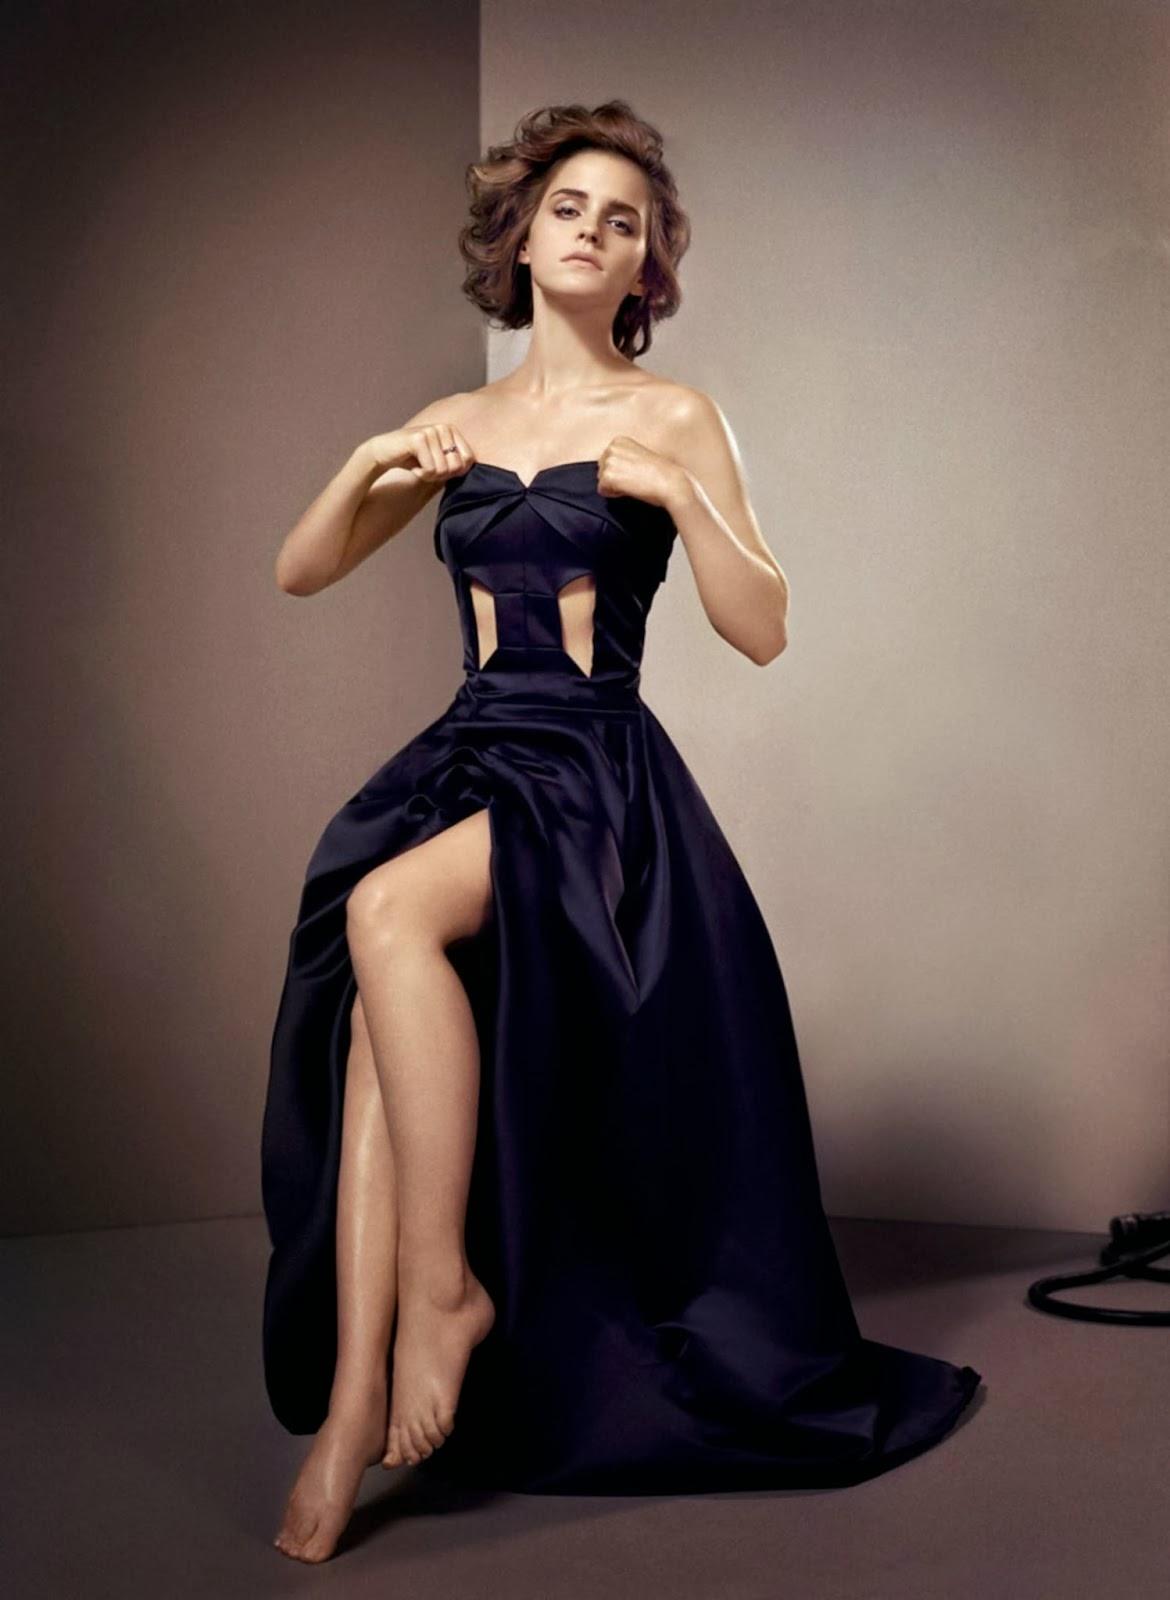 Emma Watson GQ UK Oct 2013 Magazine Hot Photoshoot Stills - Hot Blog ... Emma Watson